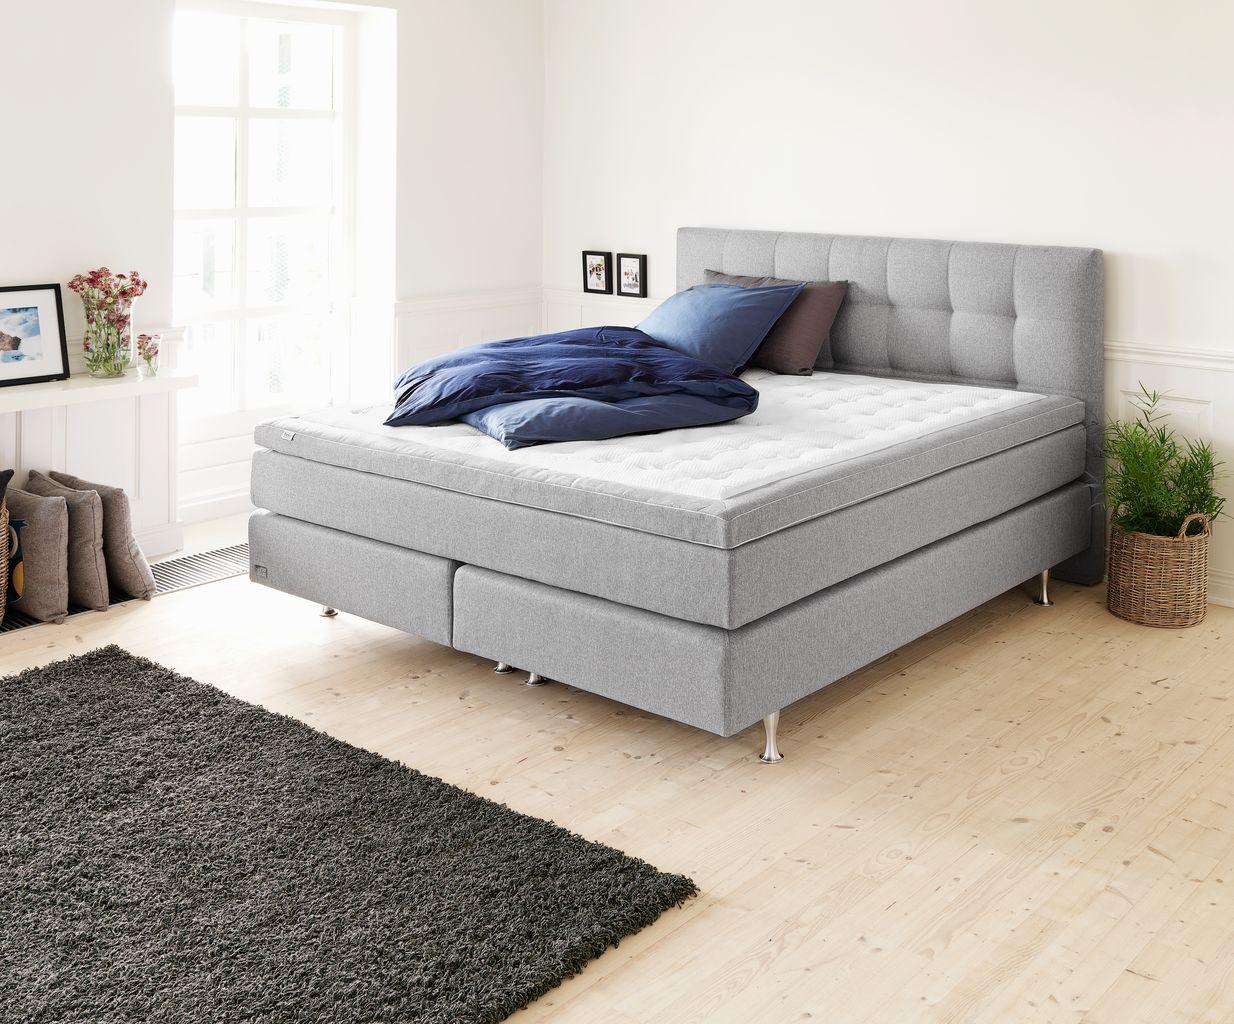 høie seng Kontinental 180x200 HØIE 200 | JYSK høie seng